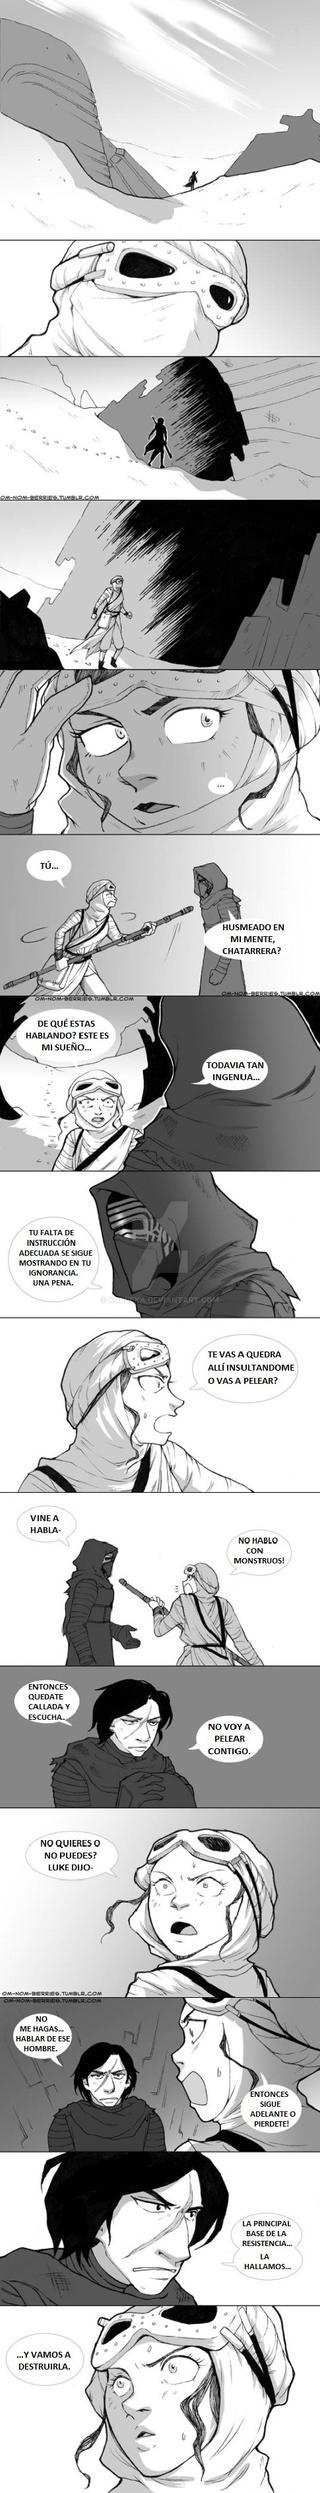 REYLO comic 17 by Koldeka